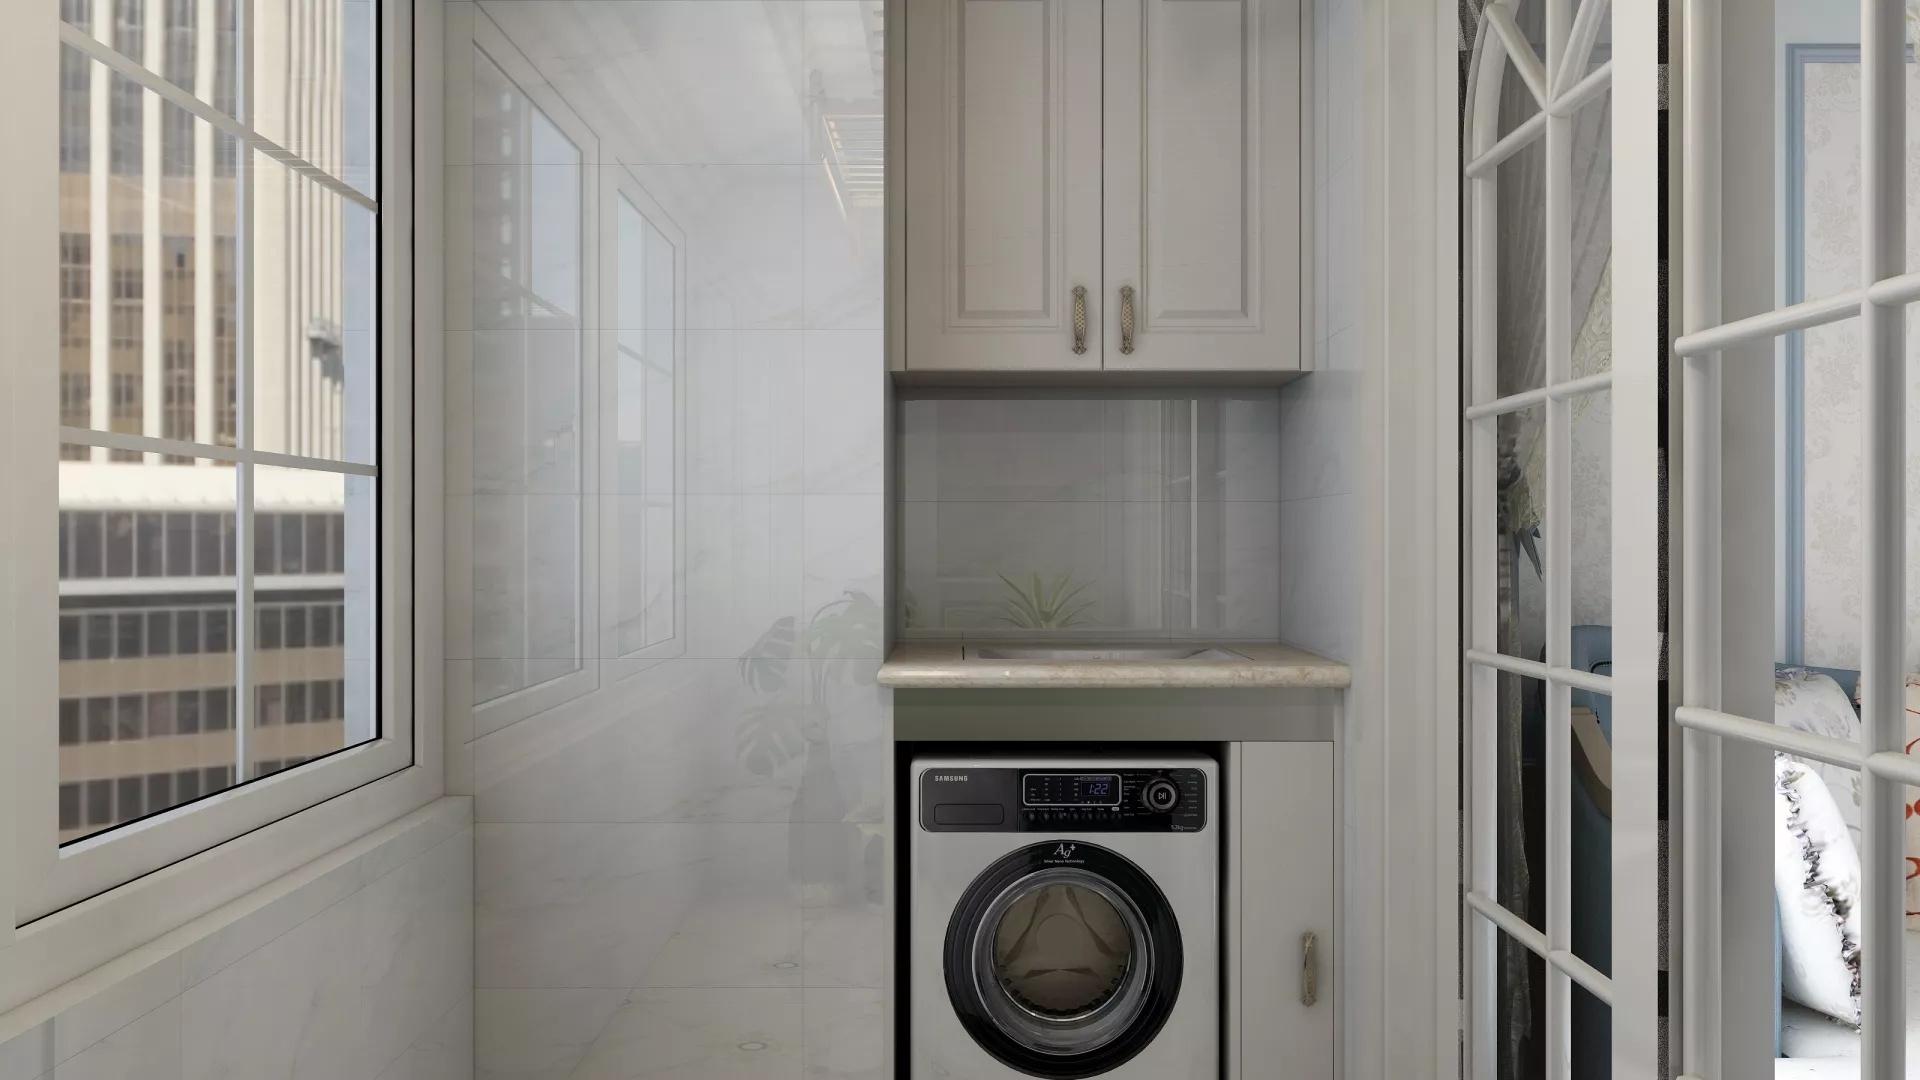 老人房设计要注意什么?起居方便很重要!